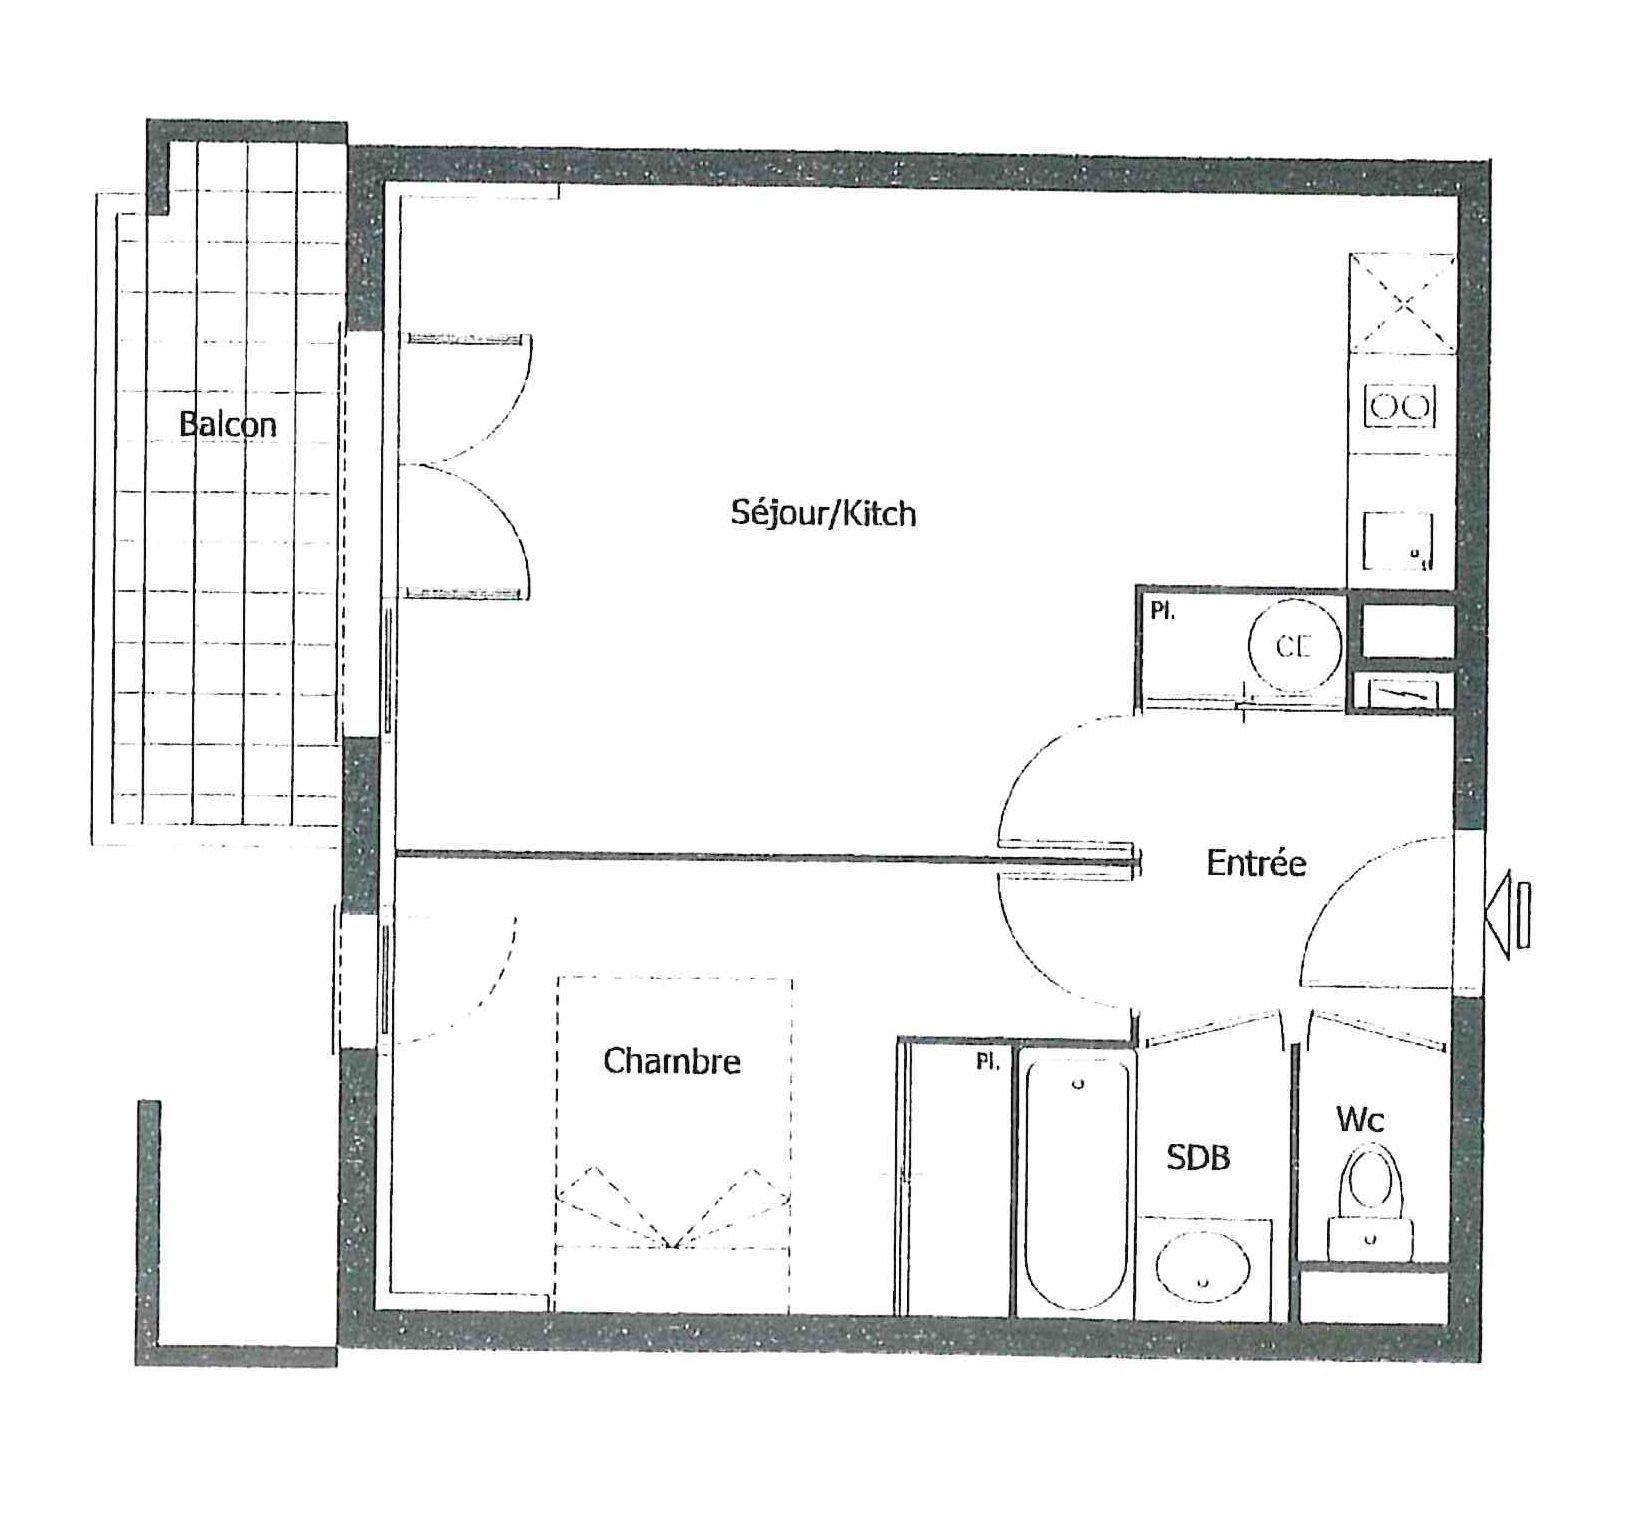 LOT de 2 Appartements de type T2 - 31200 TOULOUSE